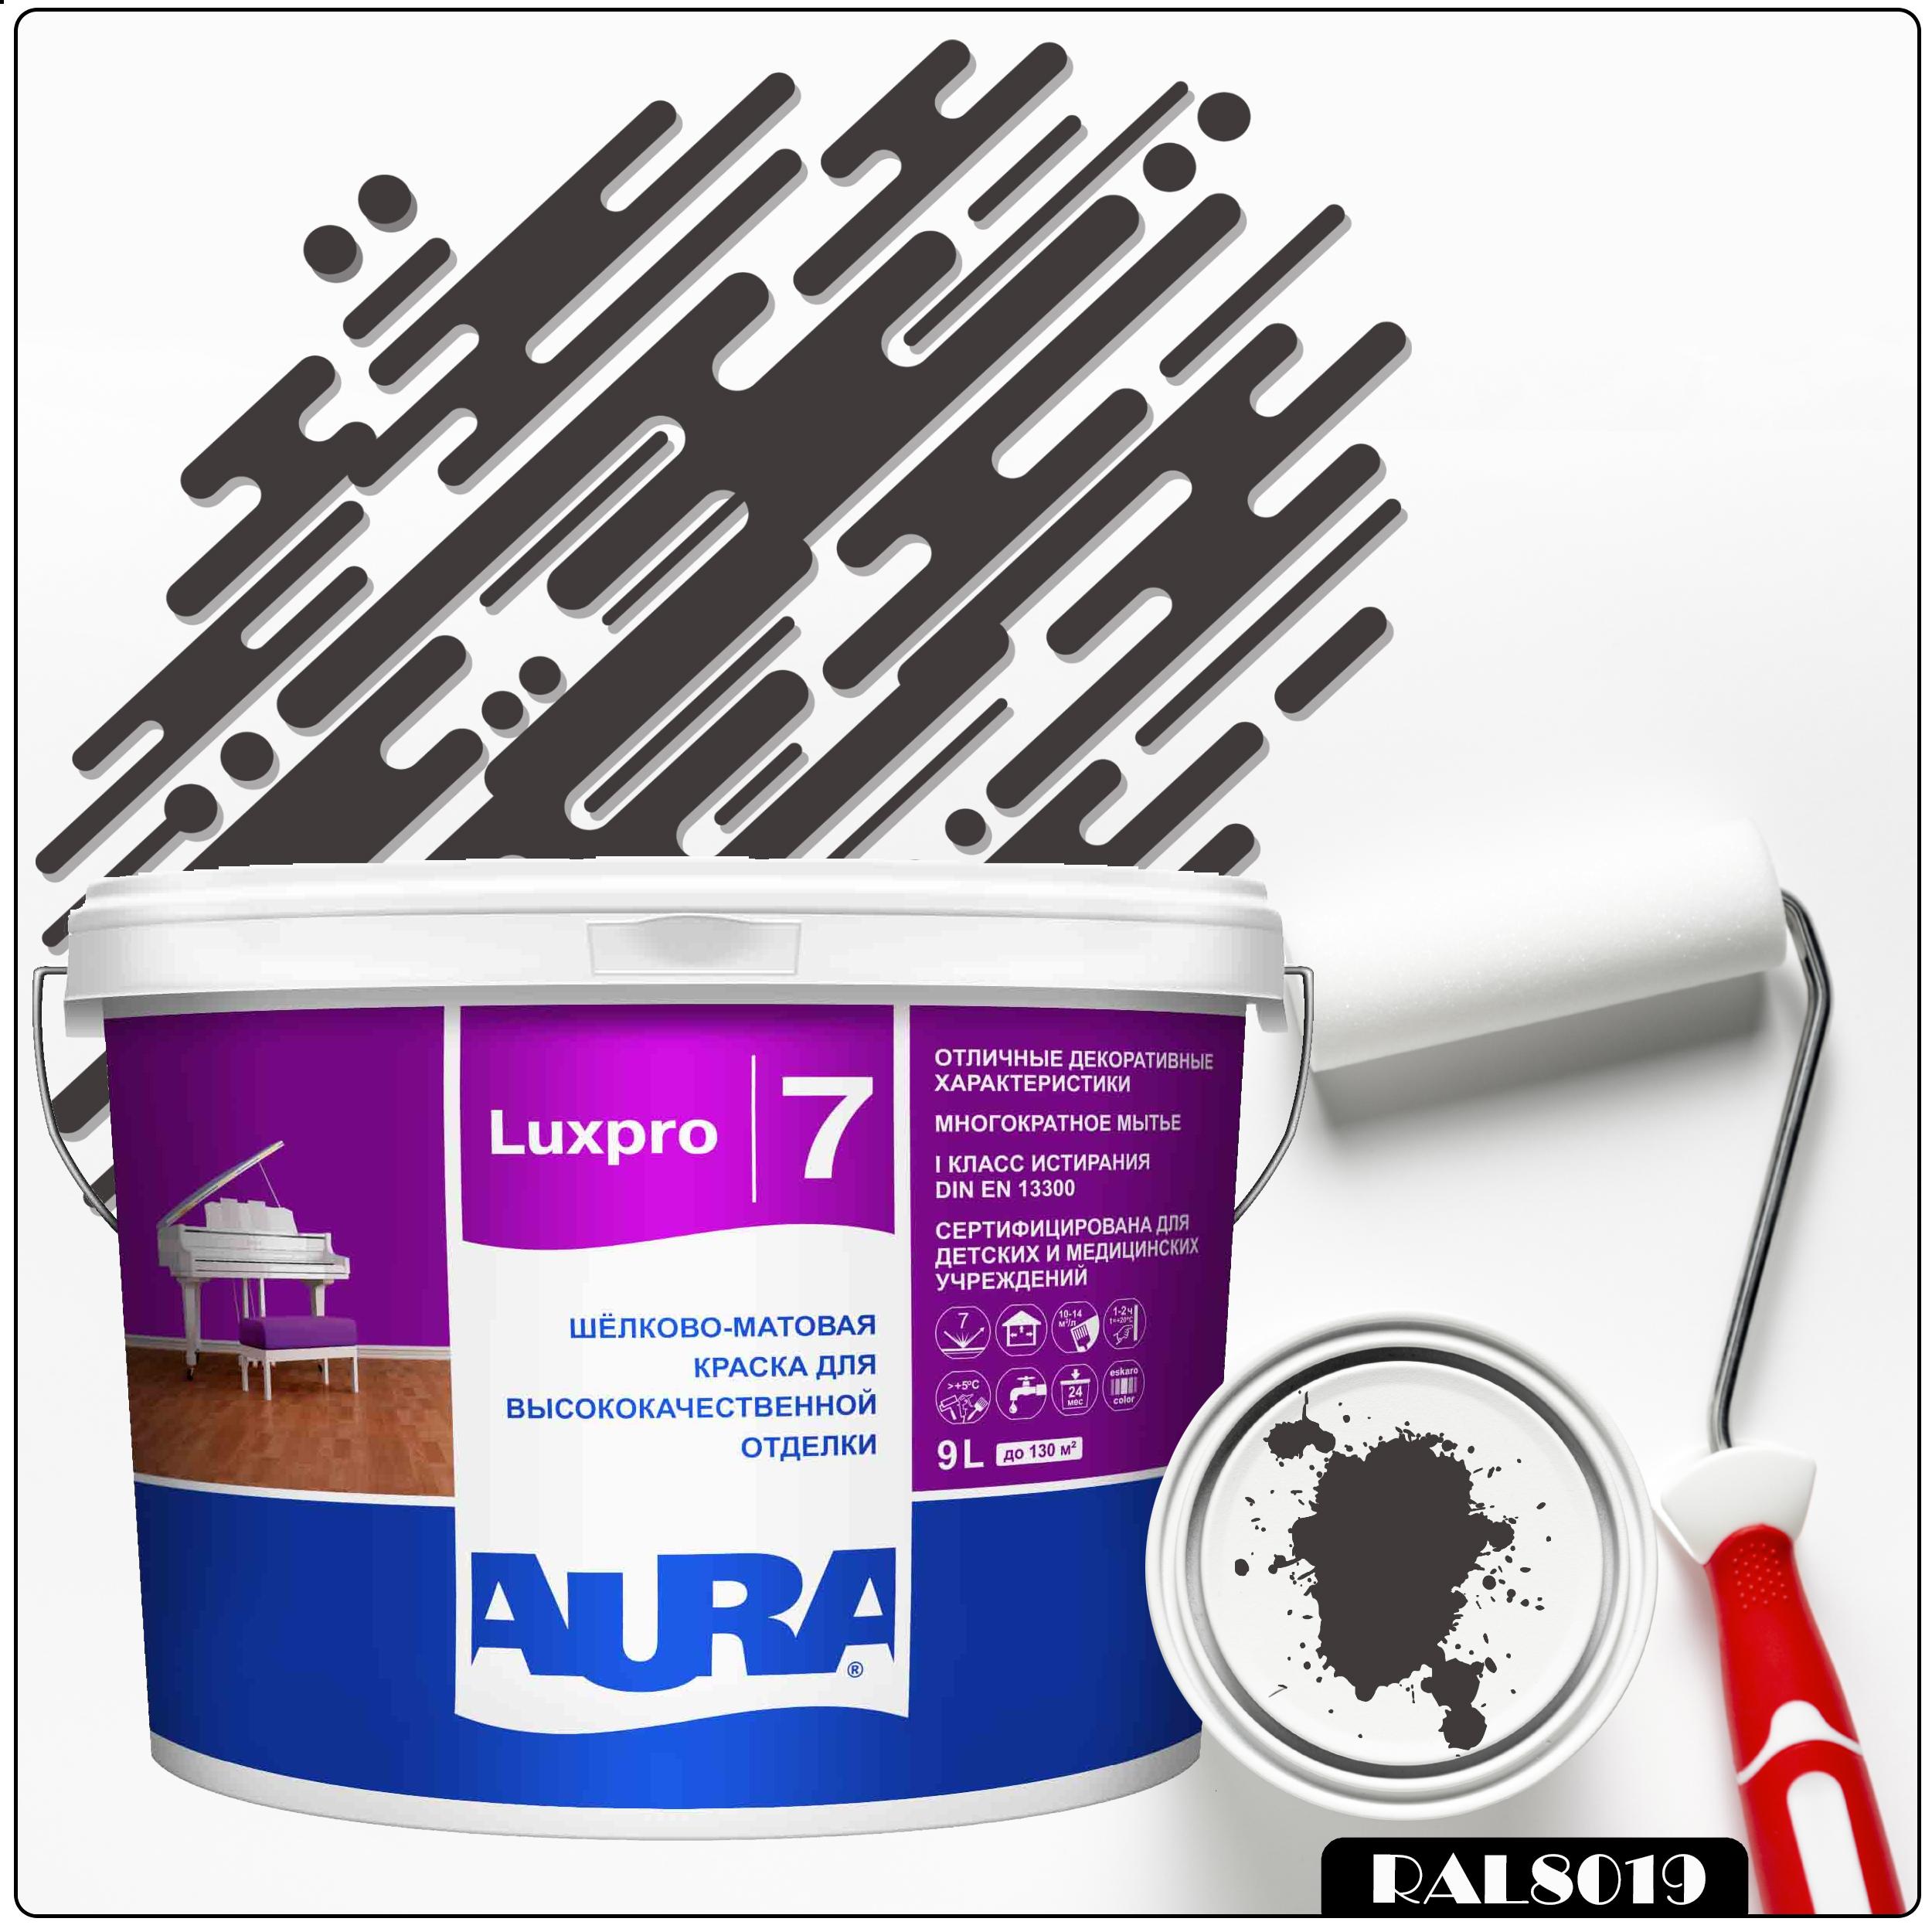 Фото 14 - Краска Aura LuxPRO 7, RAL 8019 Серо-коричневый, латексная, шелково-матовая, интерьерная, 9л, Аура.